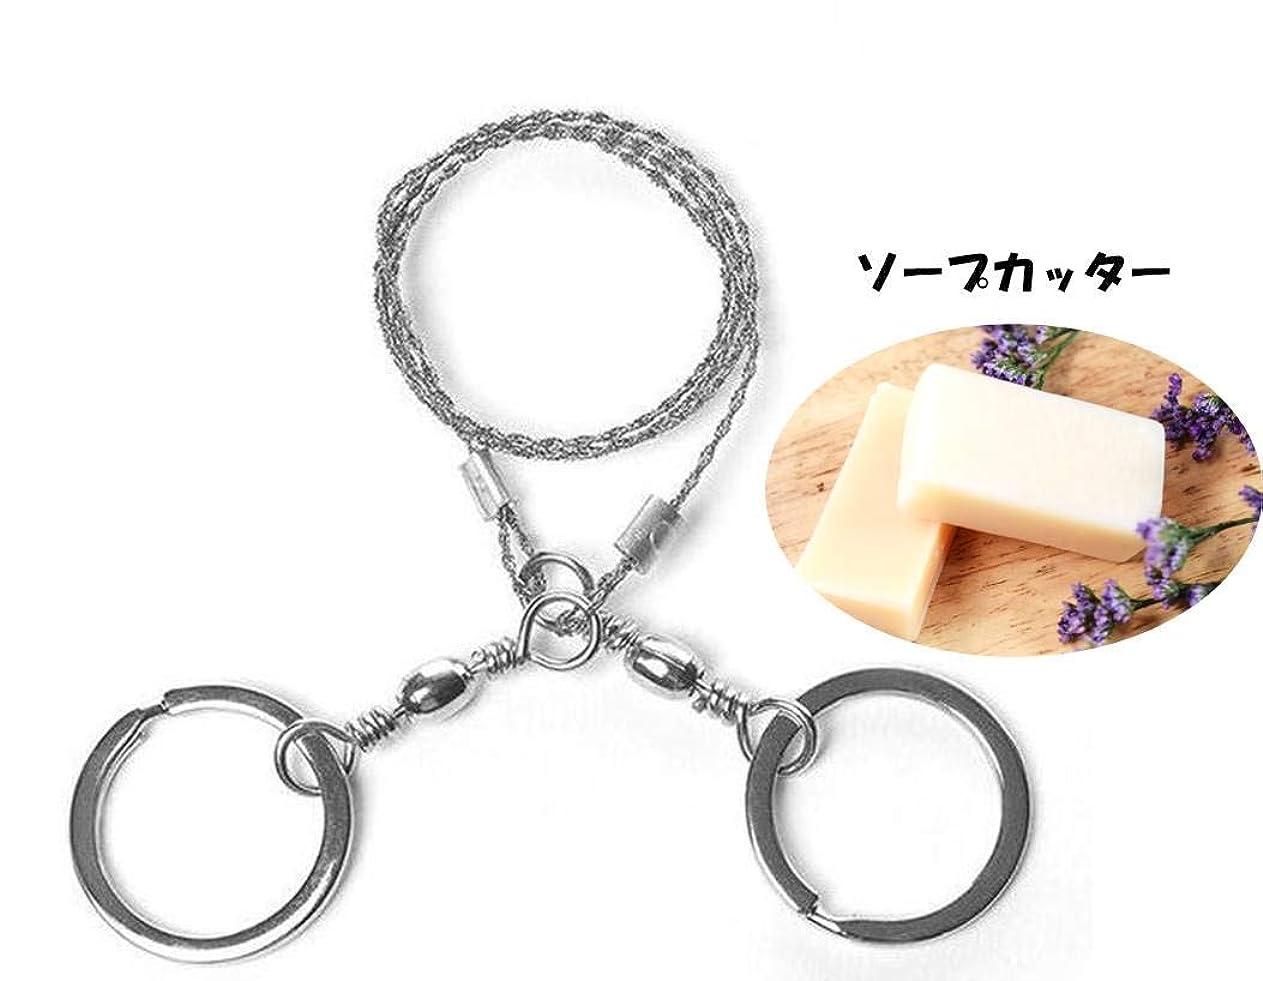 起きる子豚匹敵しますワイヤーカッター ハンドルソープ カッター 糸鋸 手作り石けん Soap Making 小型 便利 持ち手リング付 軽量